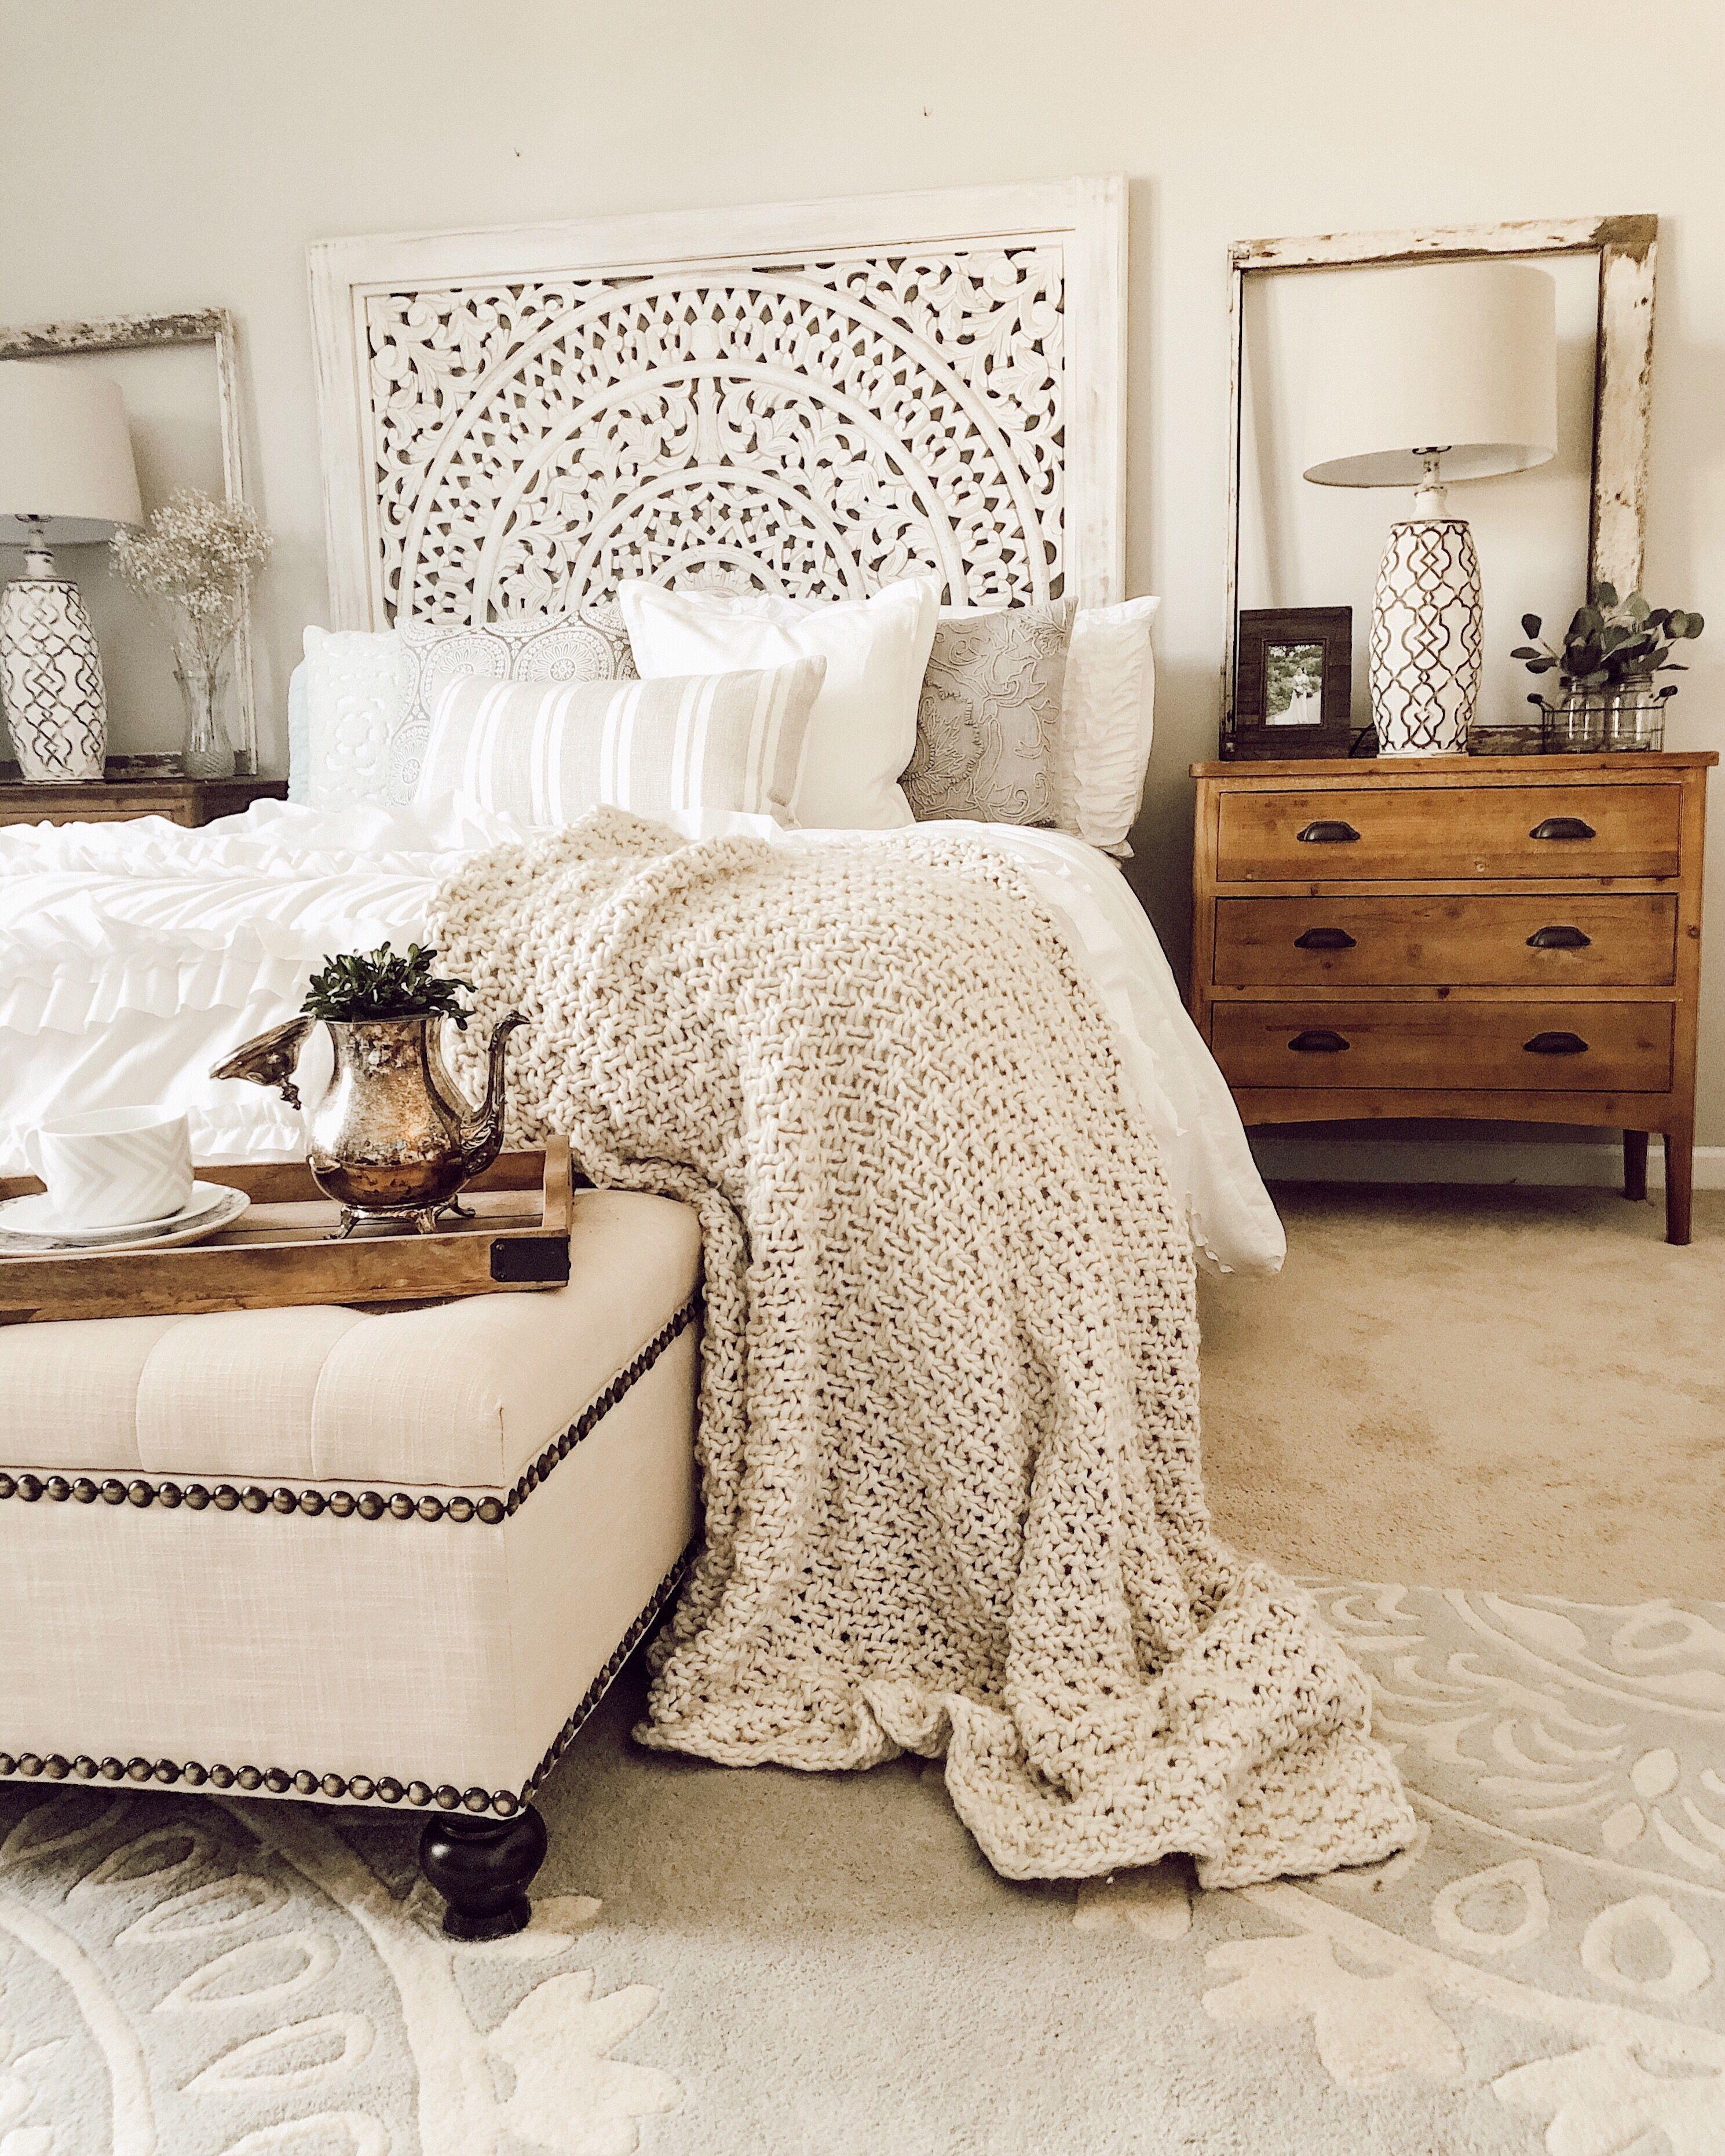 50 Cozy Farmhouse Master Bedroom Remodel Ideas: Farmhouse Bedroom, White Farmhouse Bedding, Ruffle